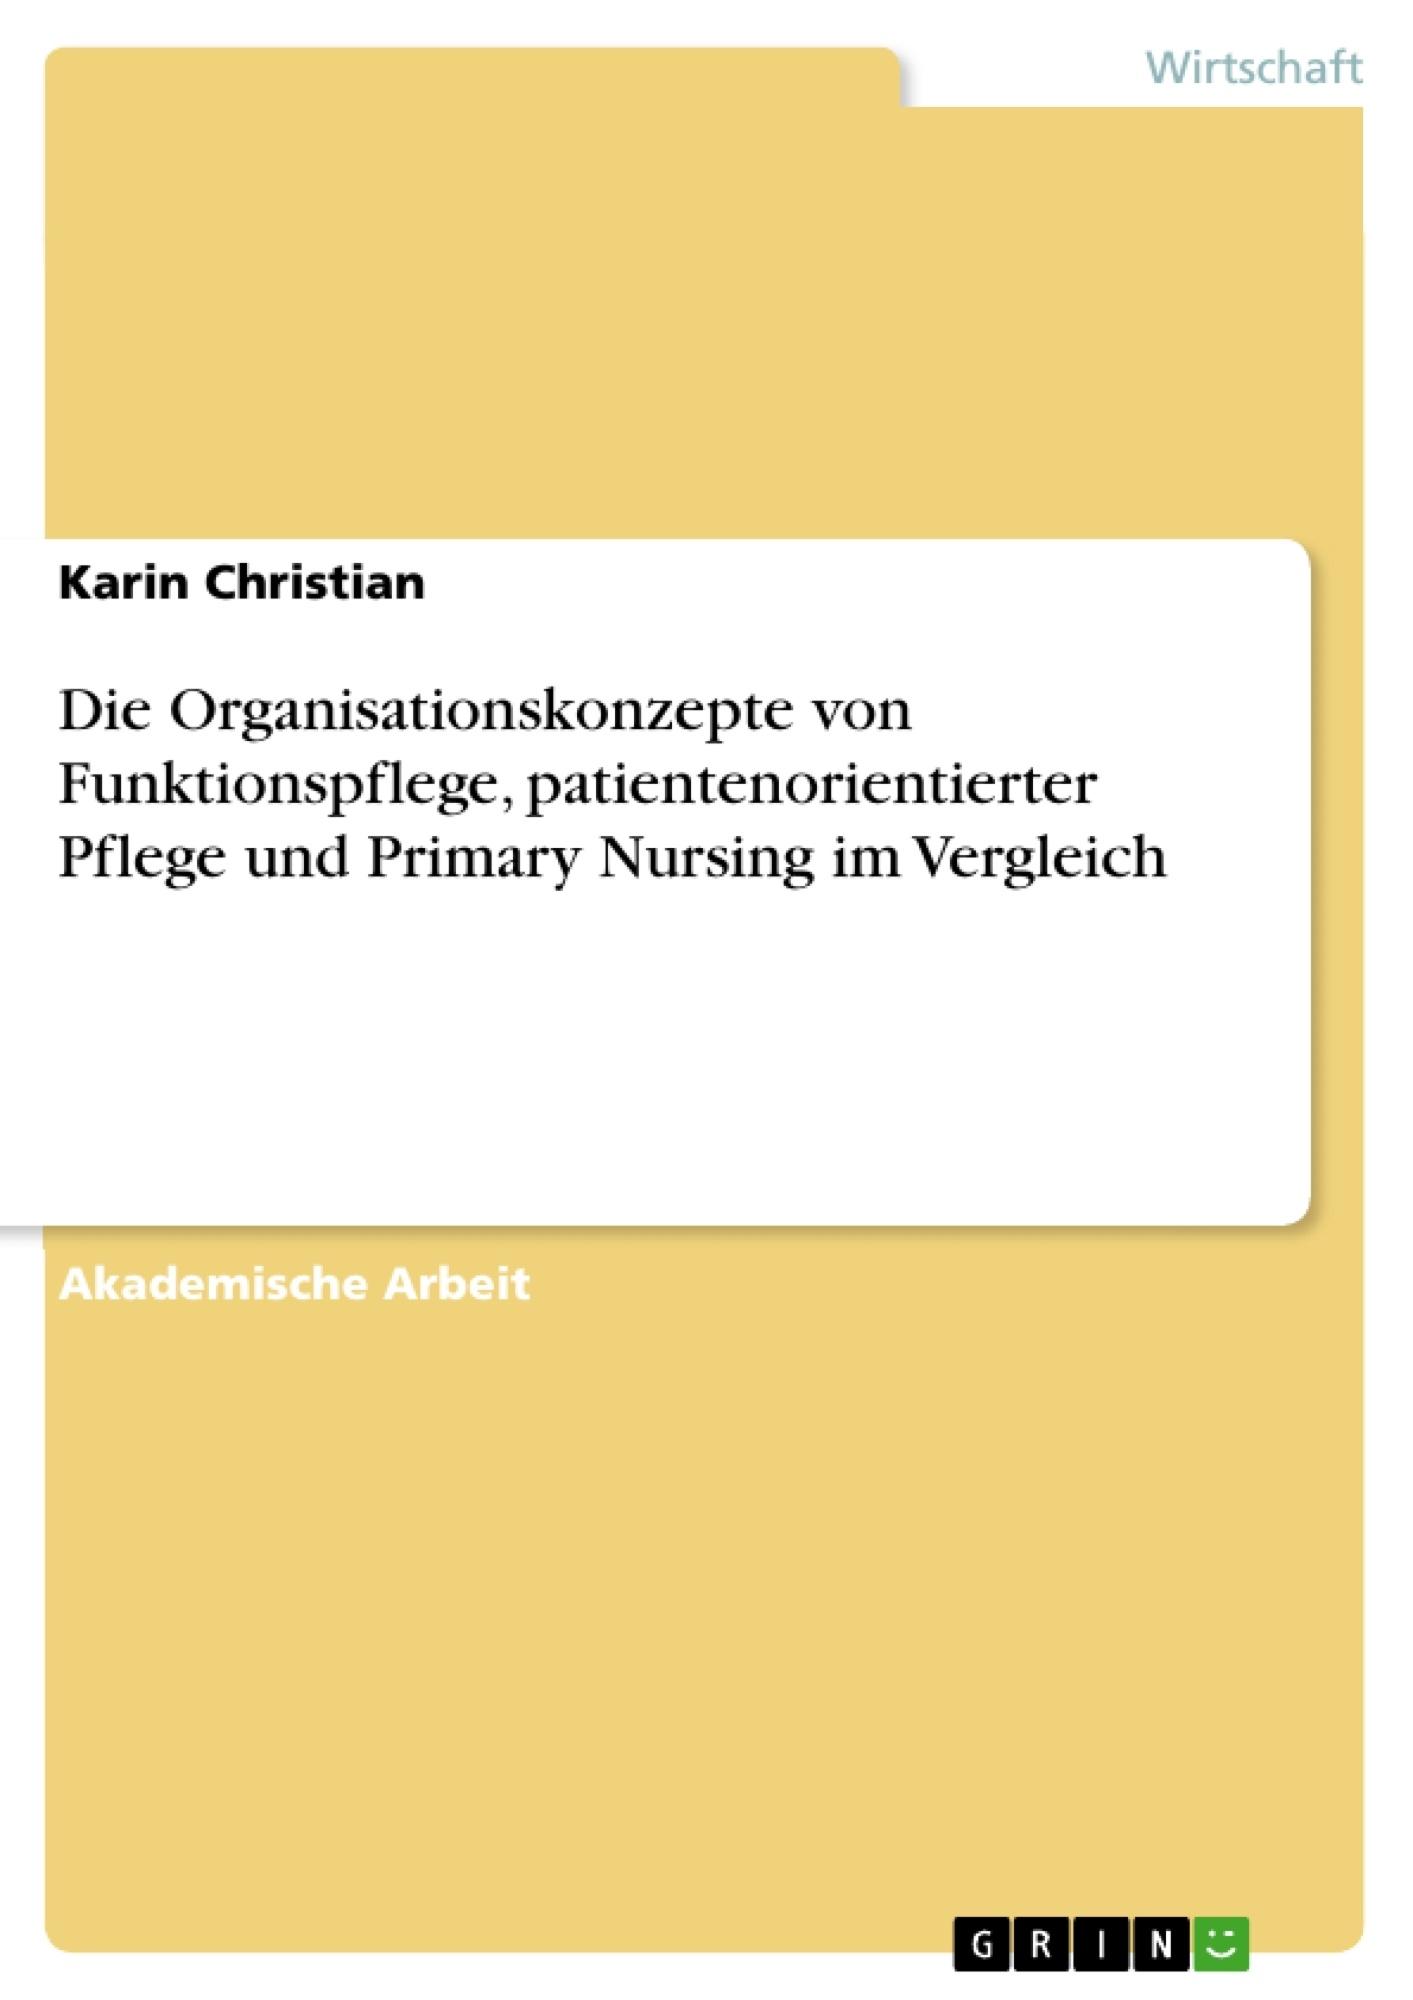 Titel: Die Organisationskonzepte von Funktionspflege, patientenorientierter Pflege und Primary Nursing im Vergleich